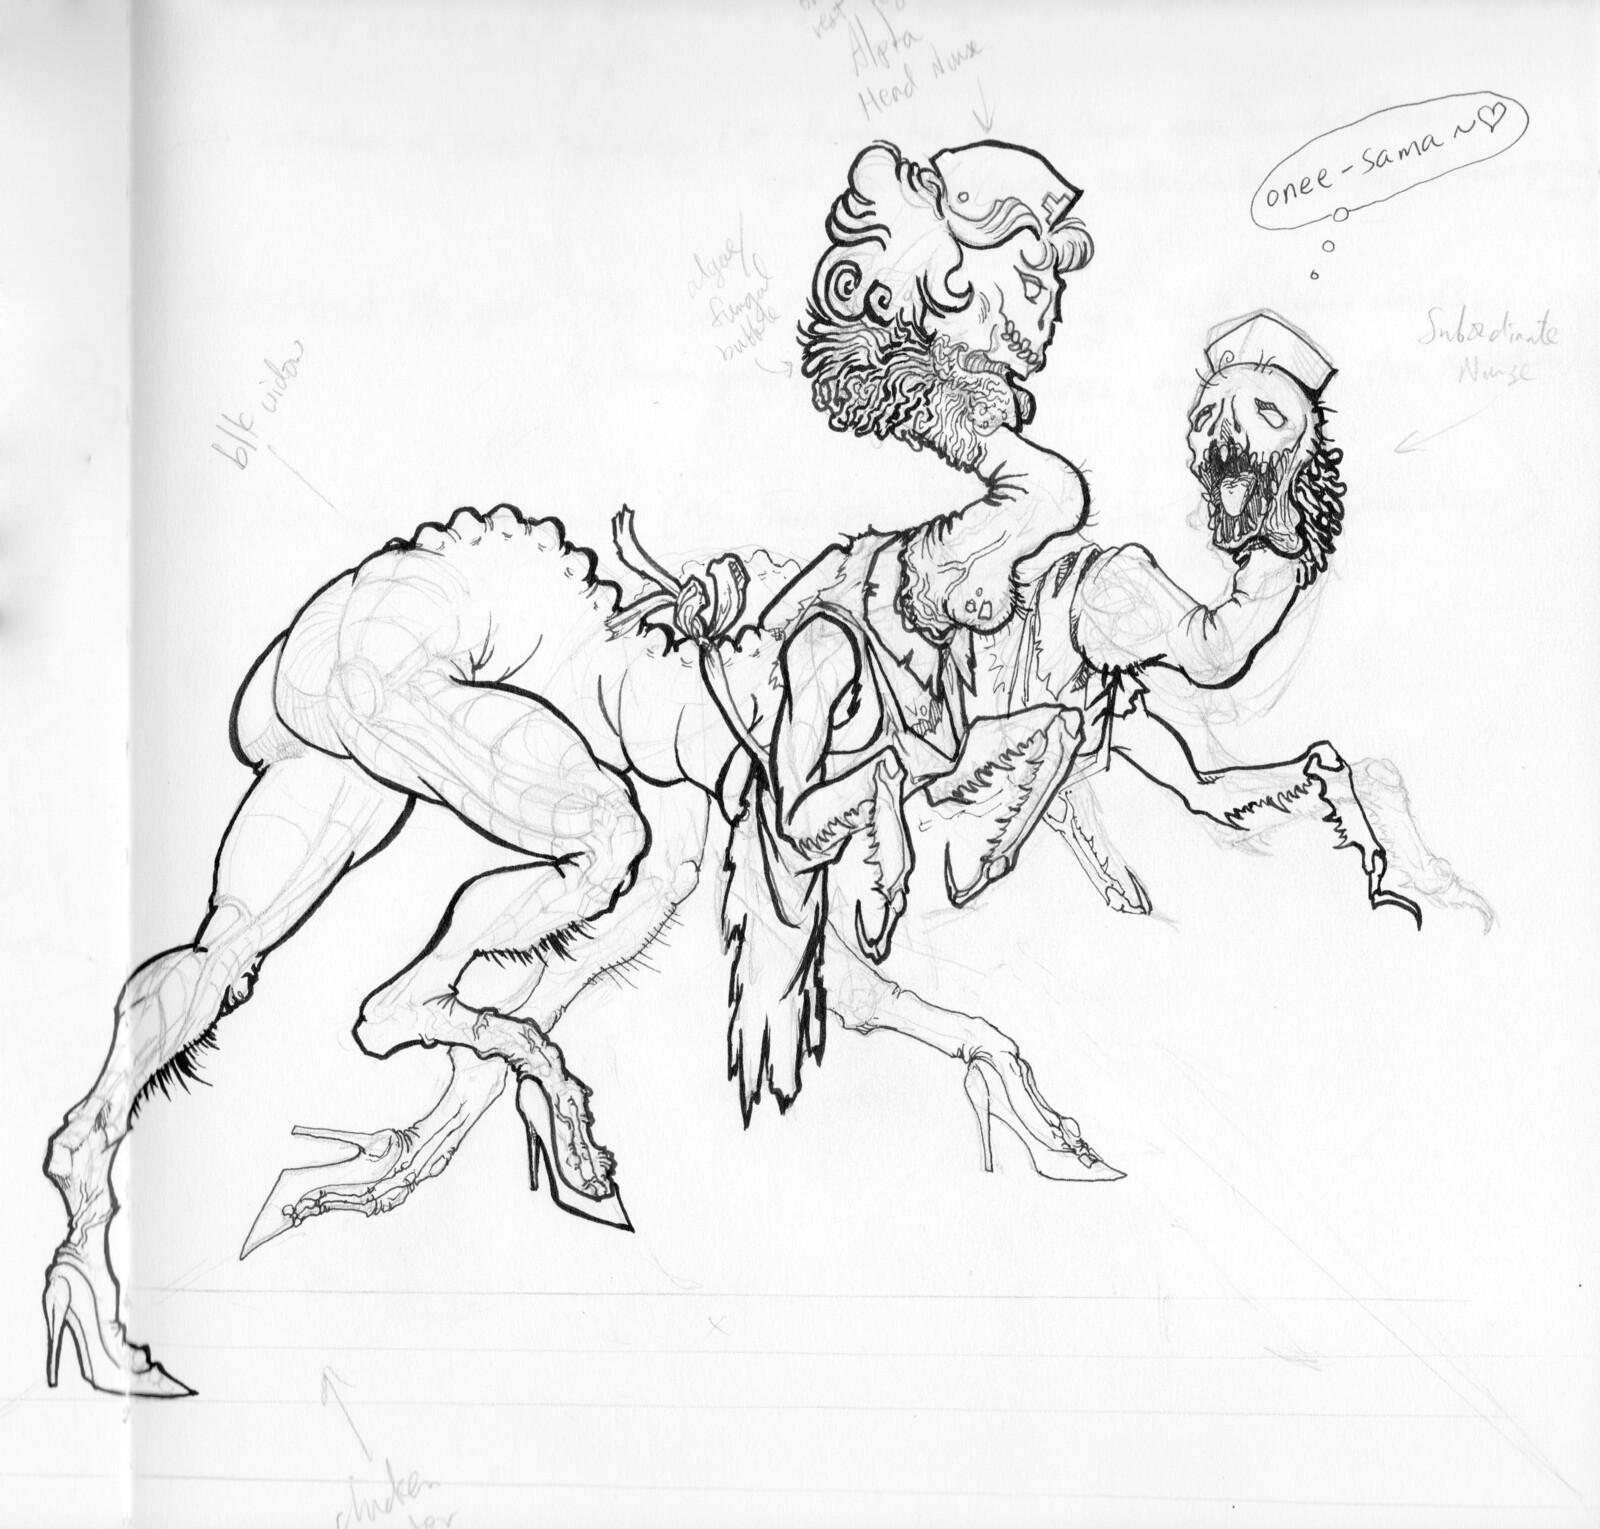 Old Sketches I Still Love